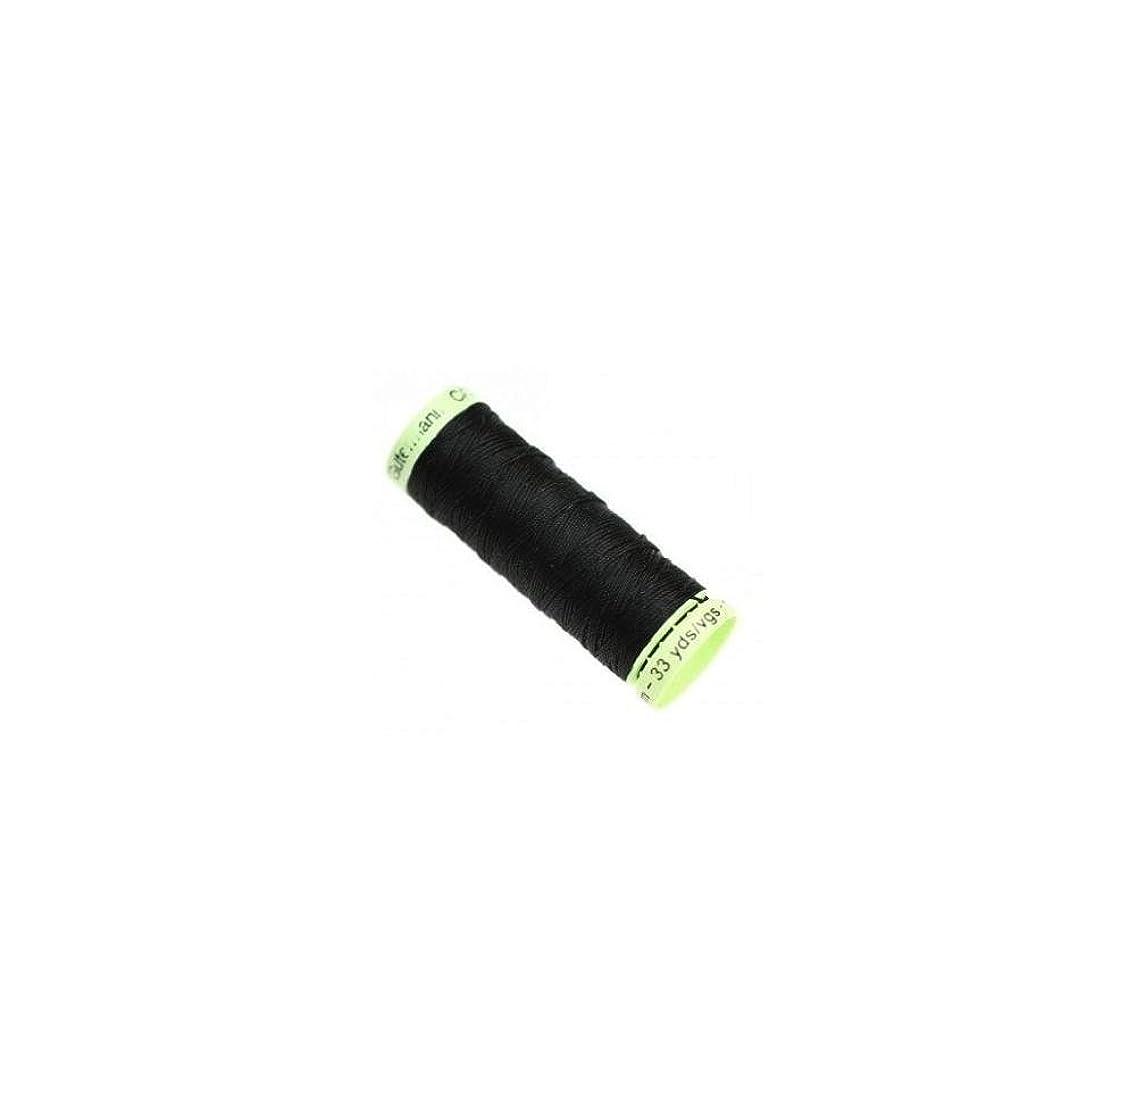 Gutermann Top-Stitch Thread, Polyester, Black, 30 m by Gutermann